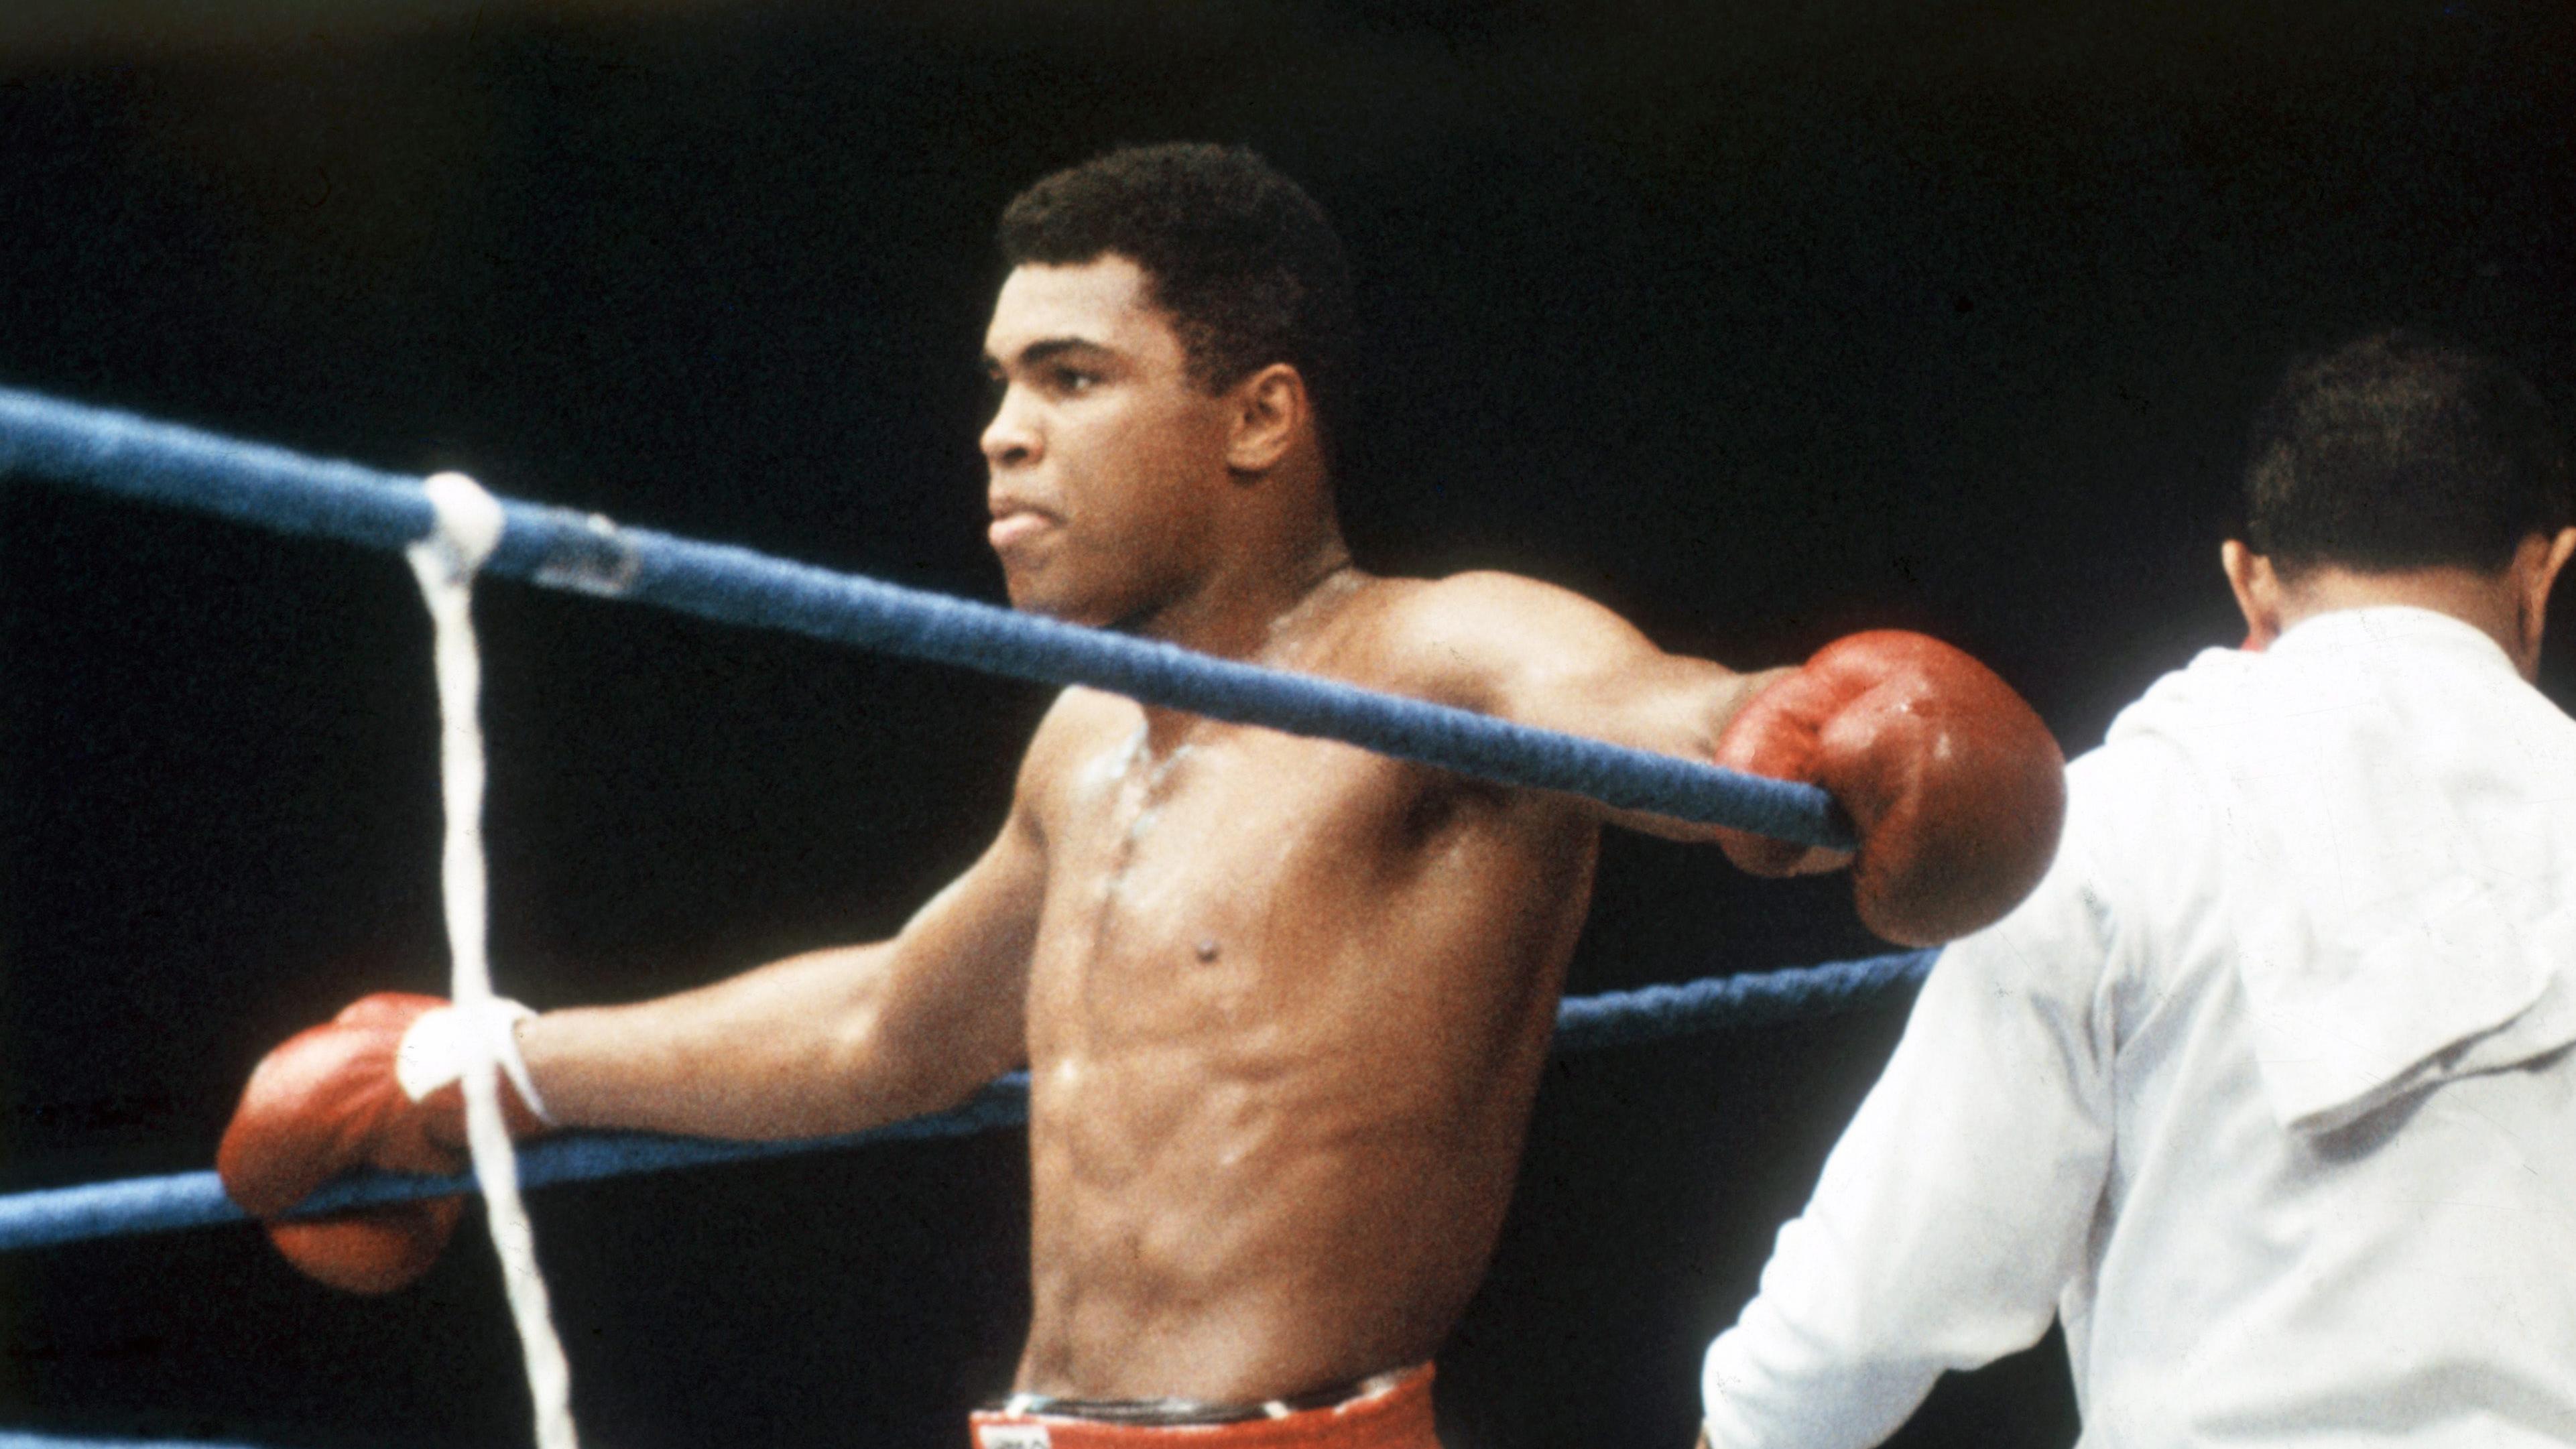 Barack Obama pays tribute to Muhammad Ali